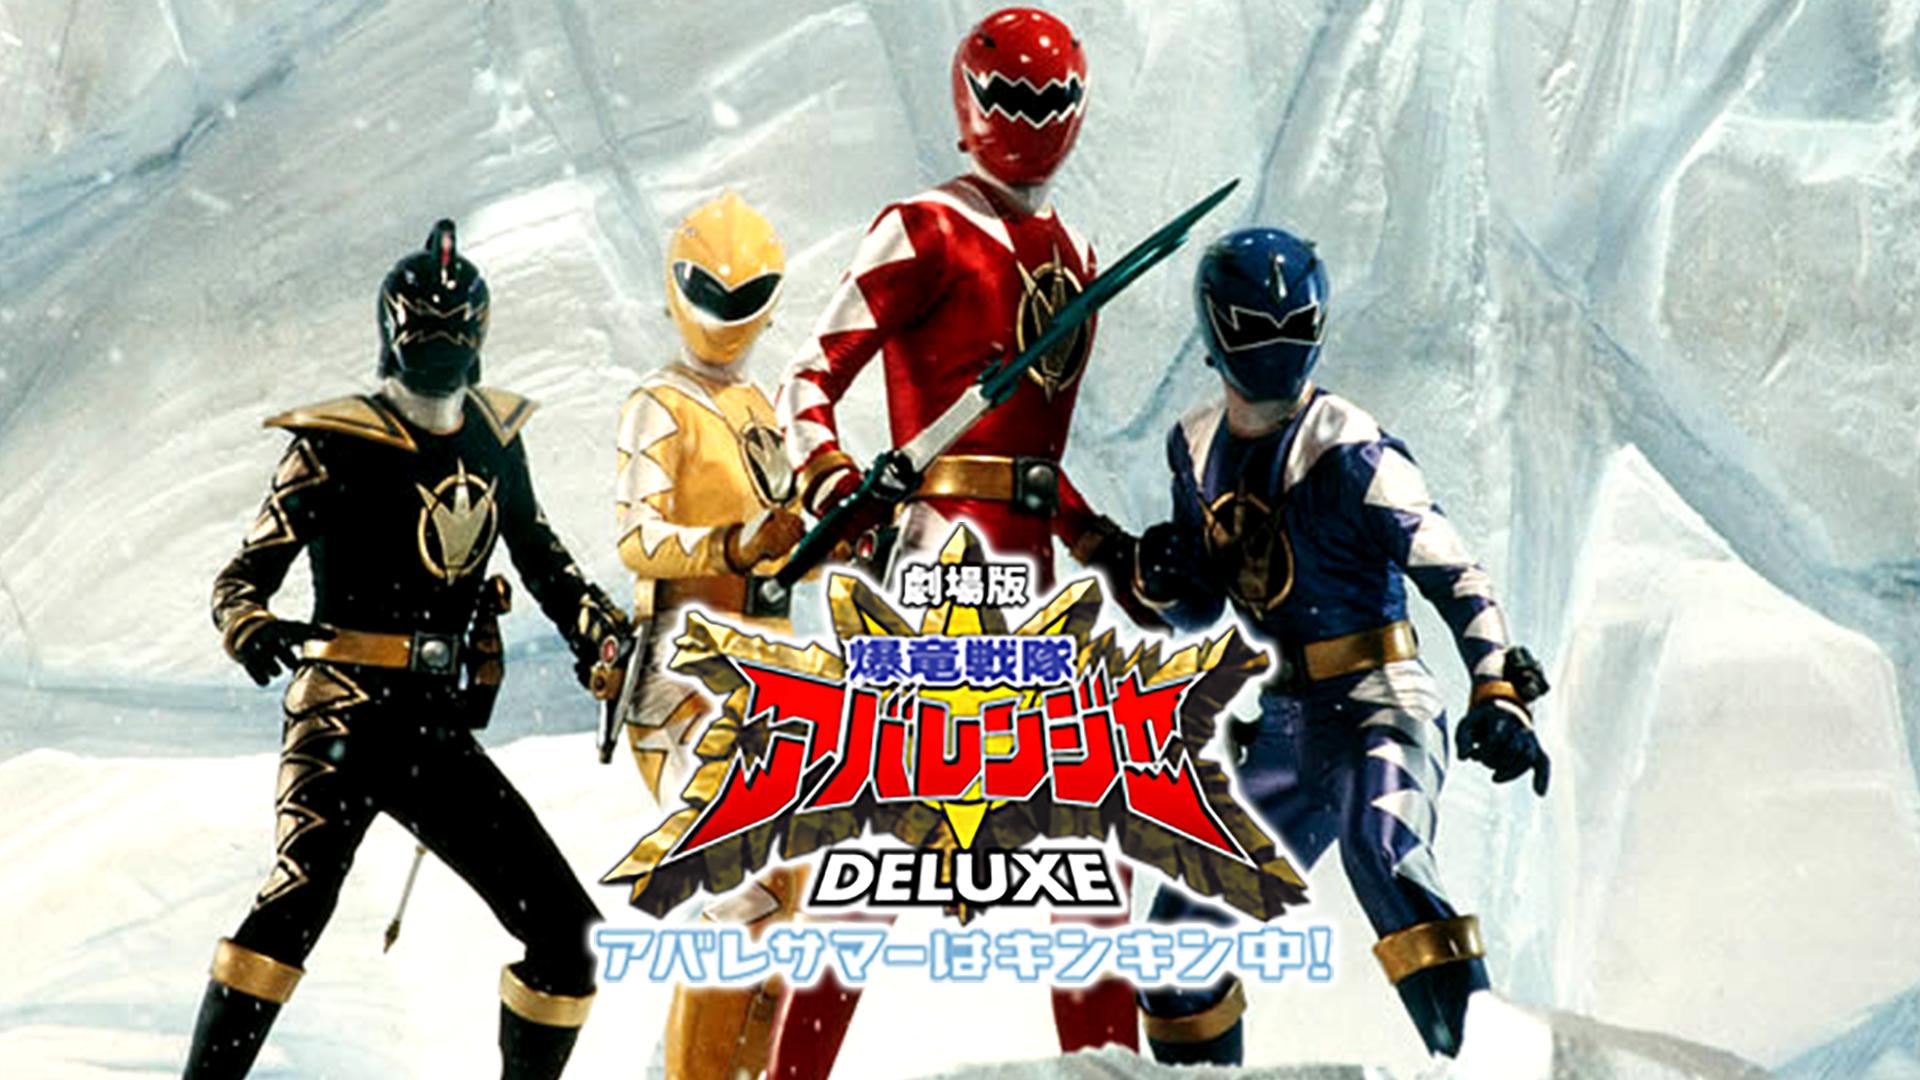 爆竜戦隊アバレンジャー DELUXE アバレサマーはキンキン中!動画フル